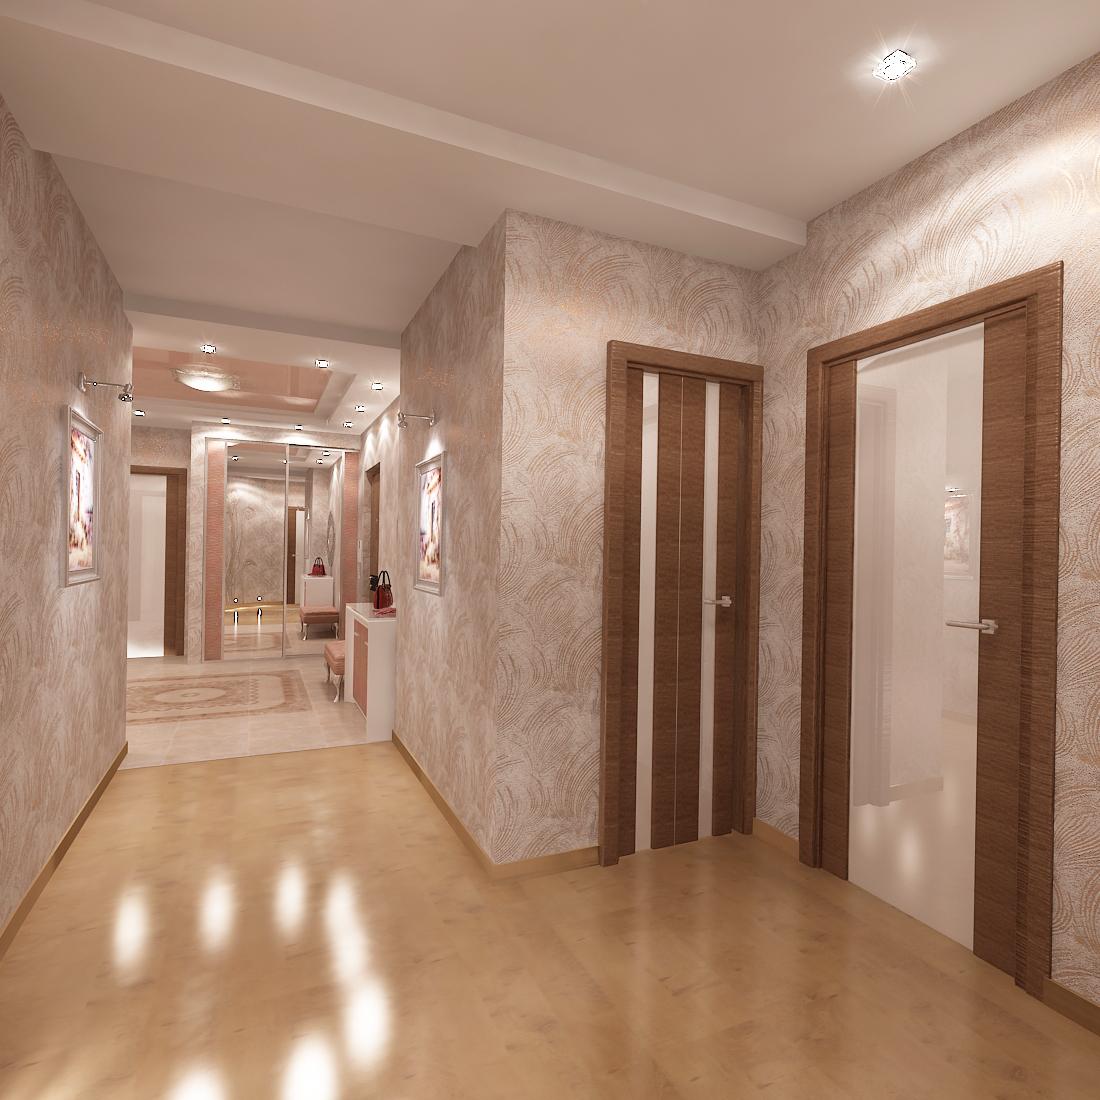 Коричневые двери и бежевый ламинат в коридоре